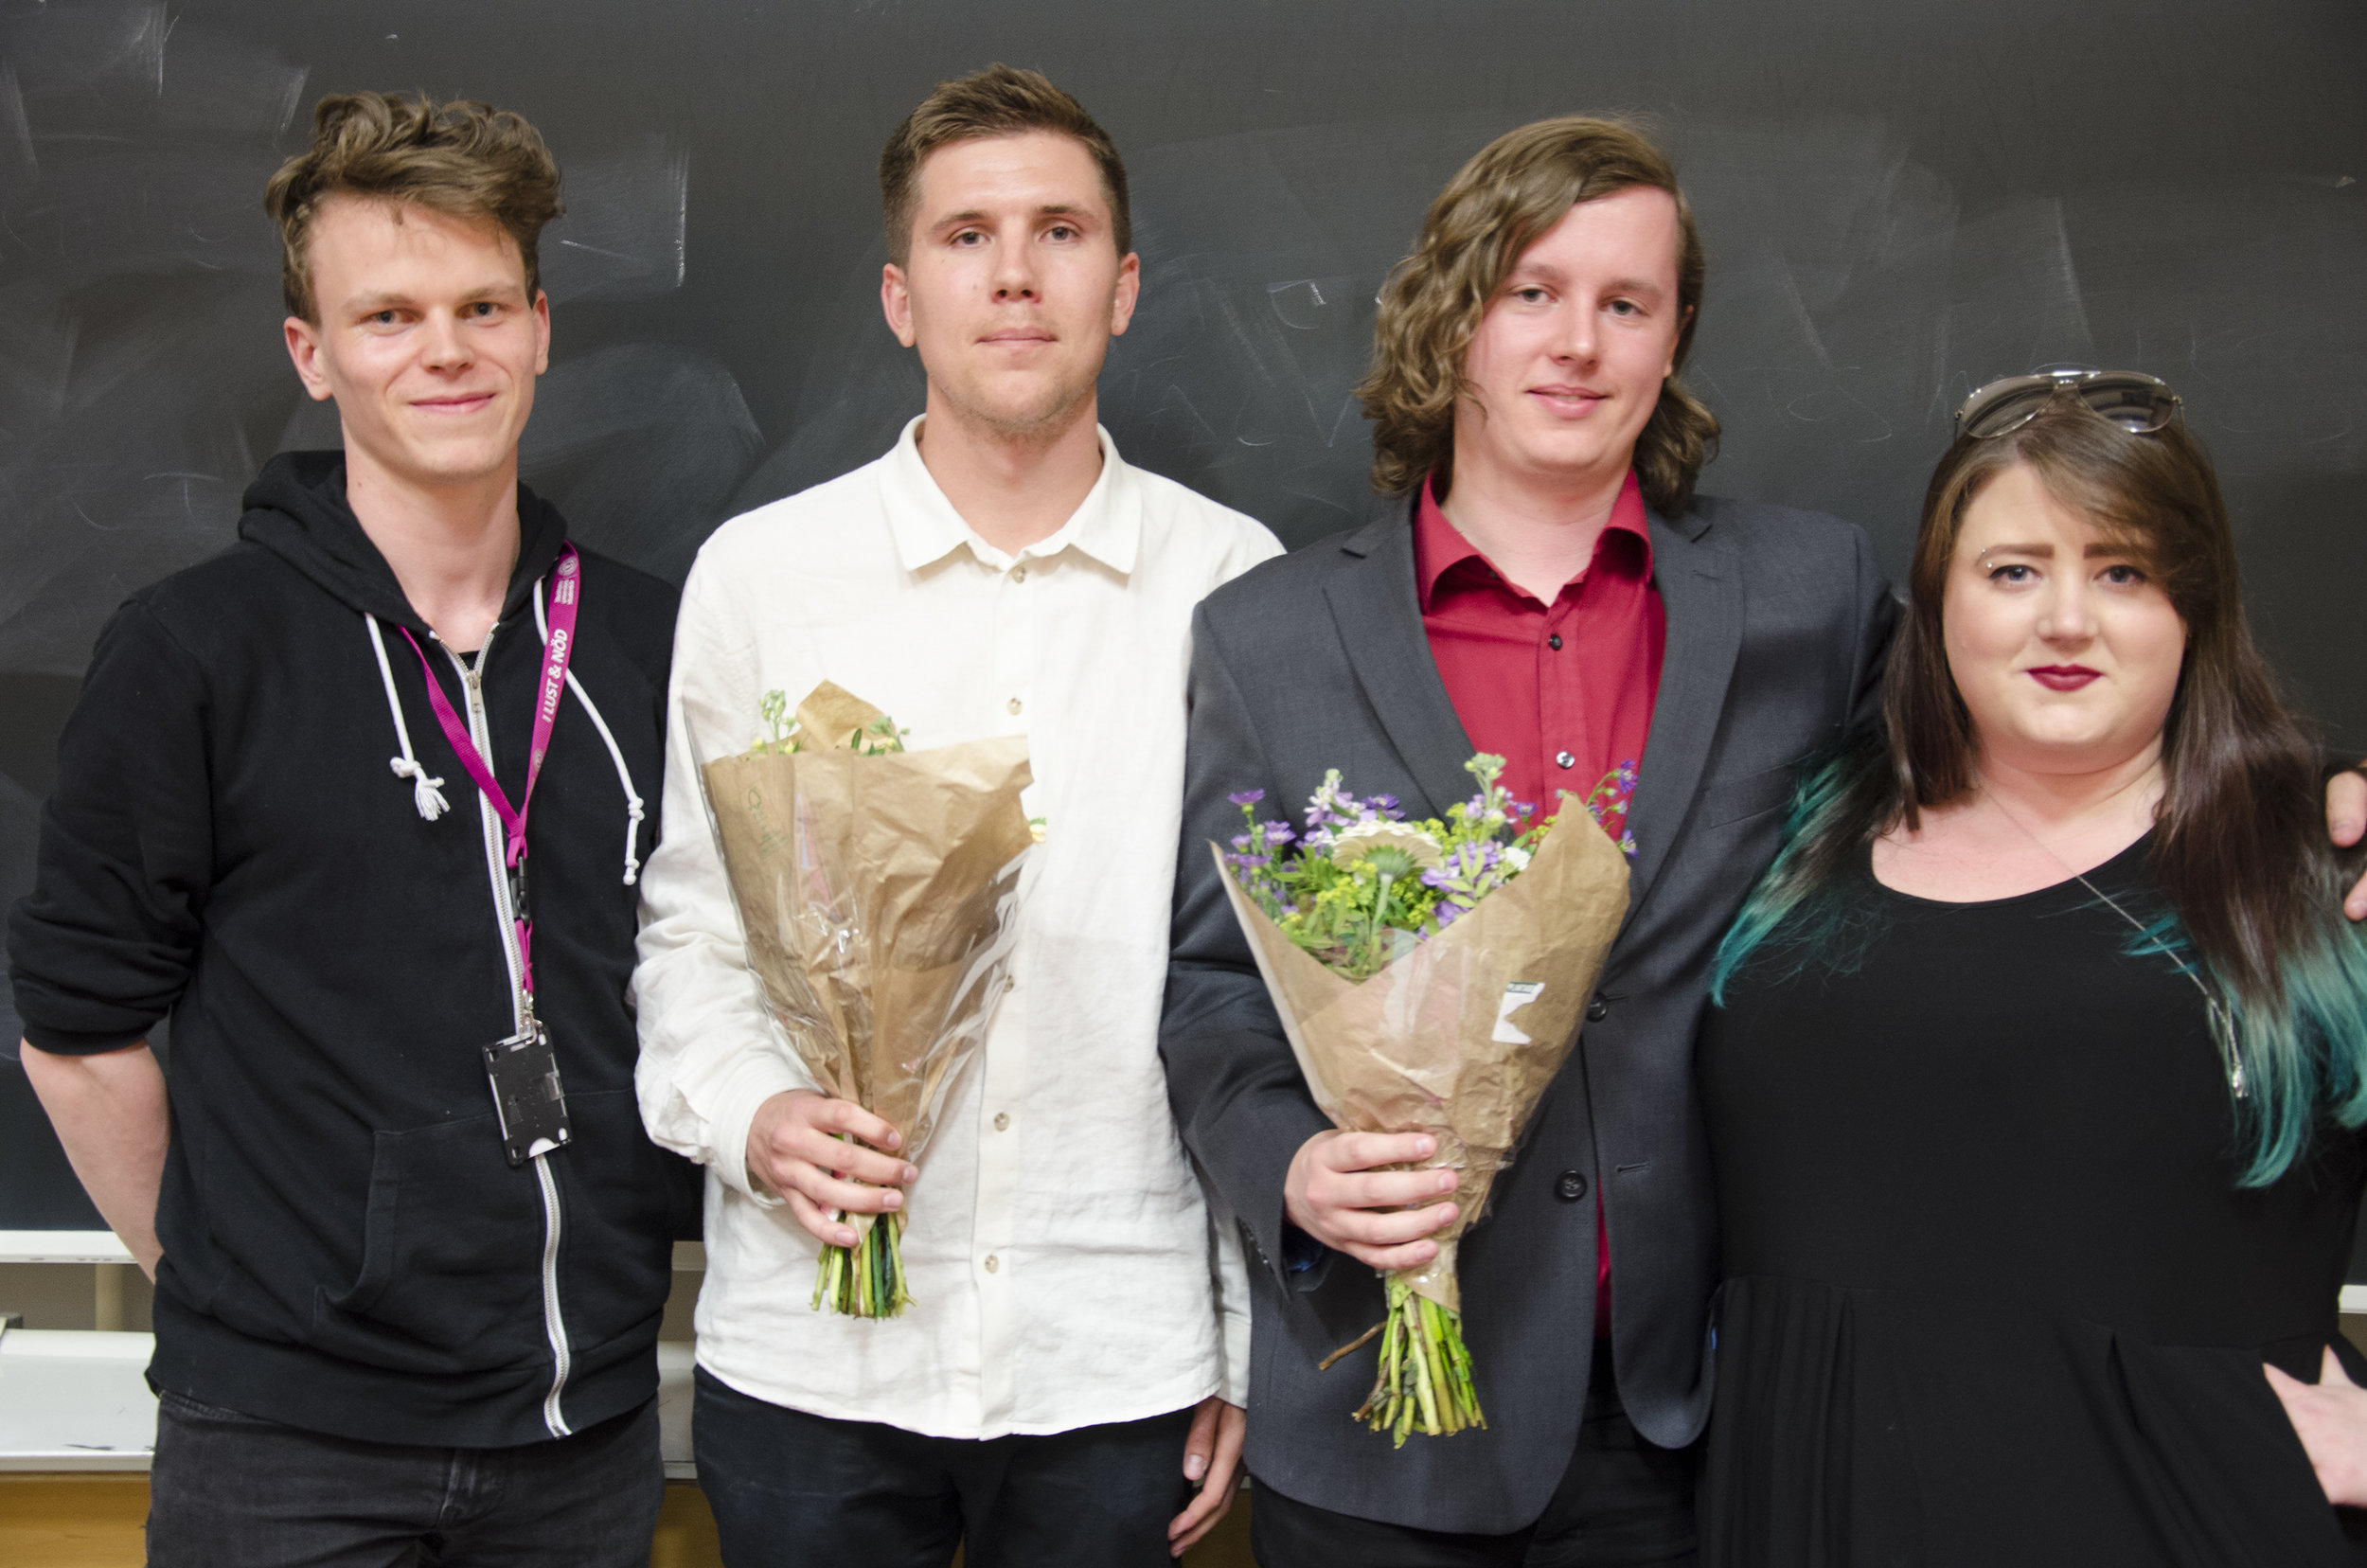 From the left: Henric Södergren (retiring president), Nils Bergmark (new president ), Anton Hjelm (new vice president) och Stefanie Tagesson (resigning vice president).